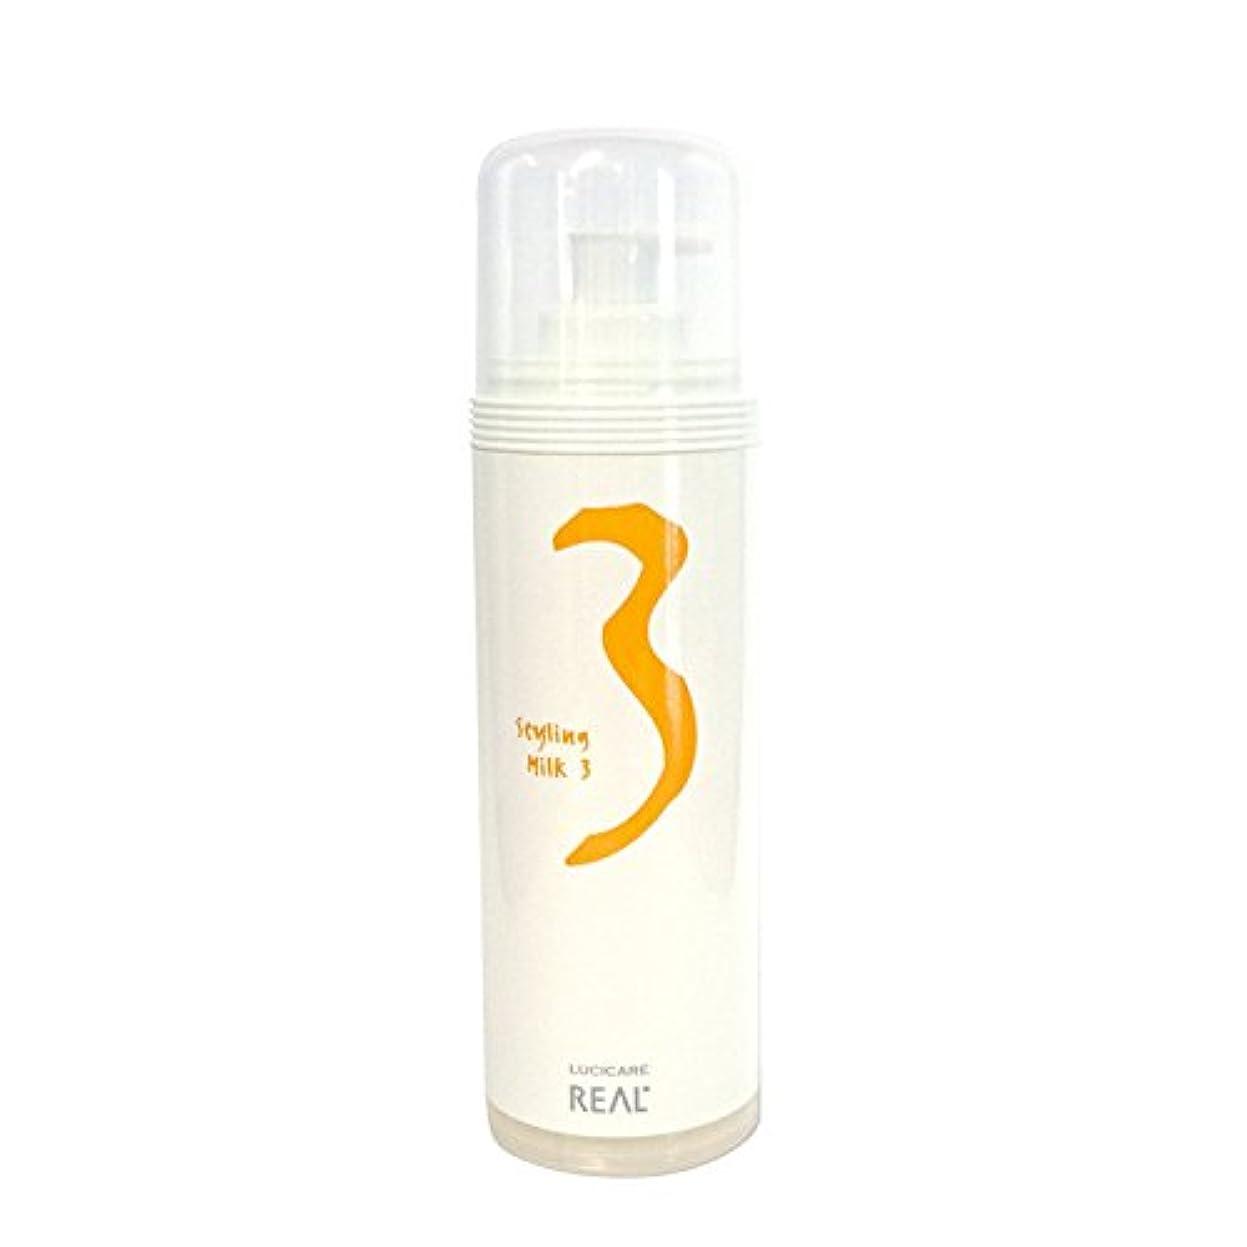 リアル化学 ルシケア スタイリングミルク3 135g